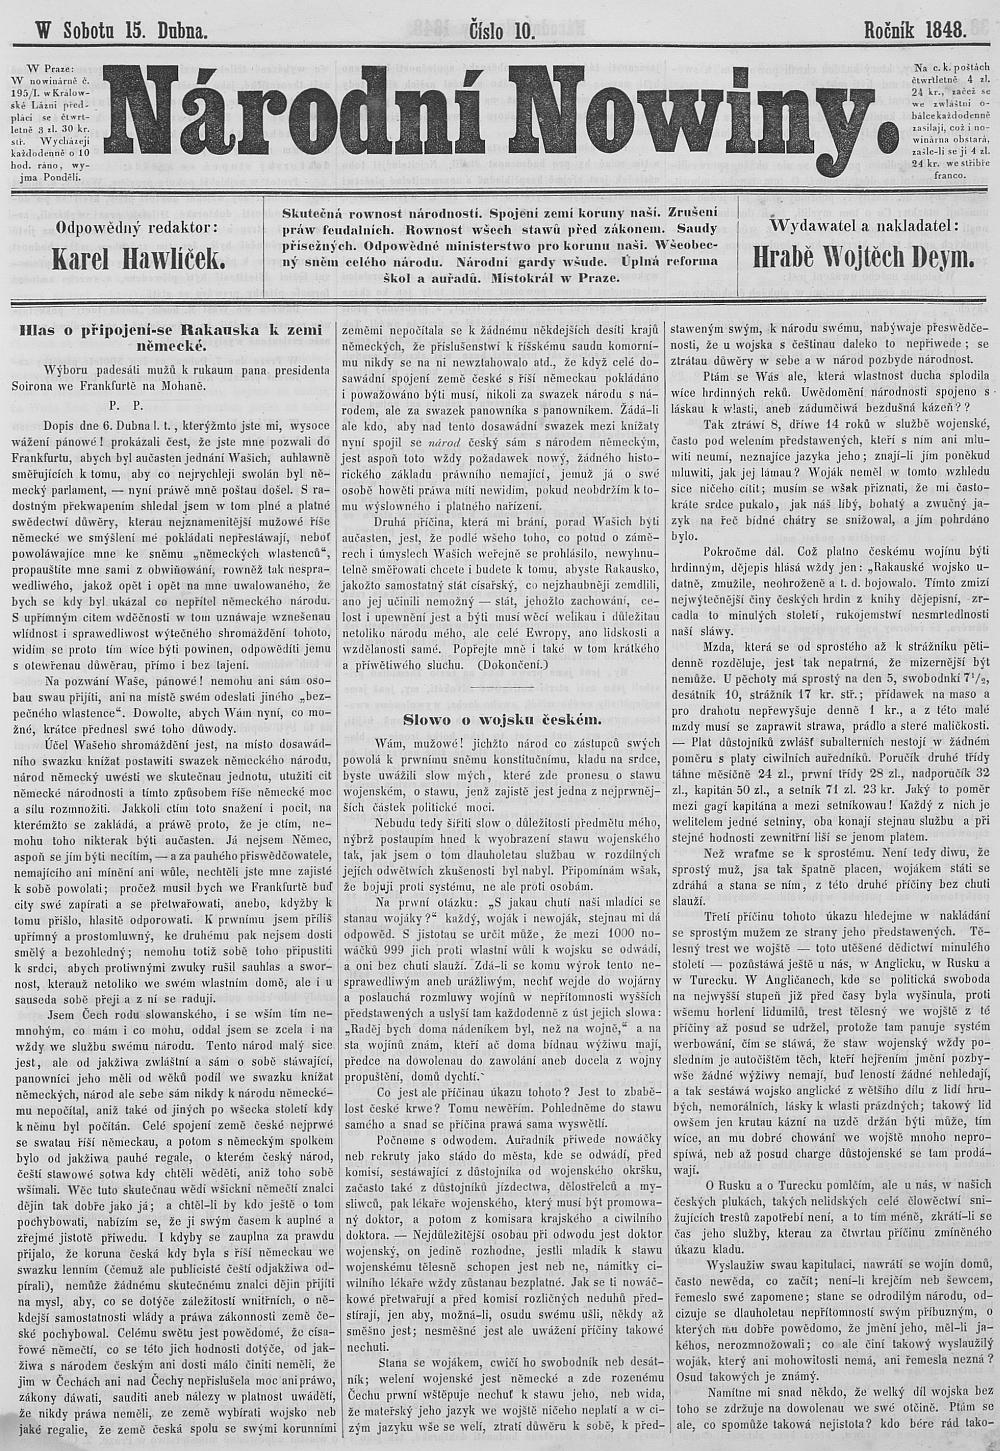 Havlíčkovy Národní noviny z 15. dubna roku 1848 s dopisem Františka Palackého do Frankfurtu jako úvodním svýmtextem